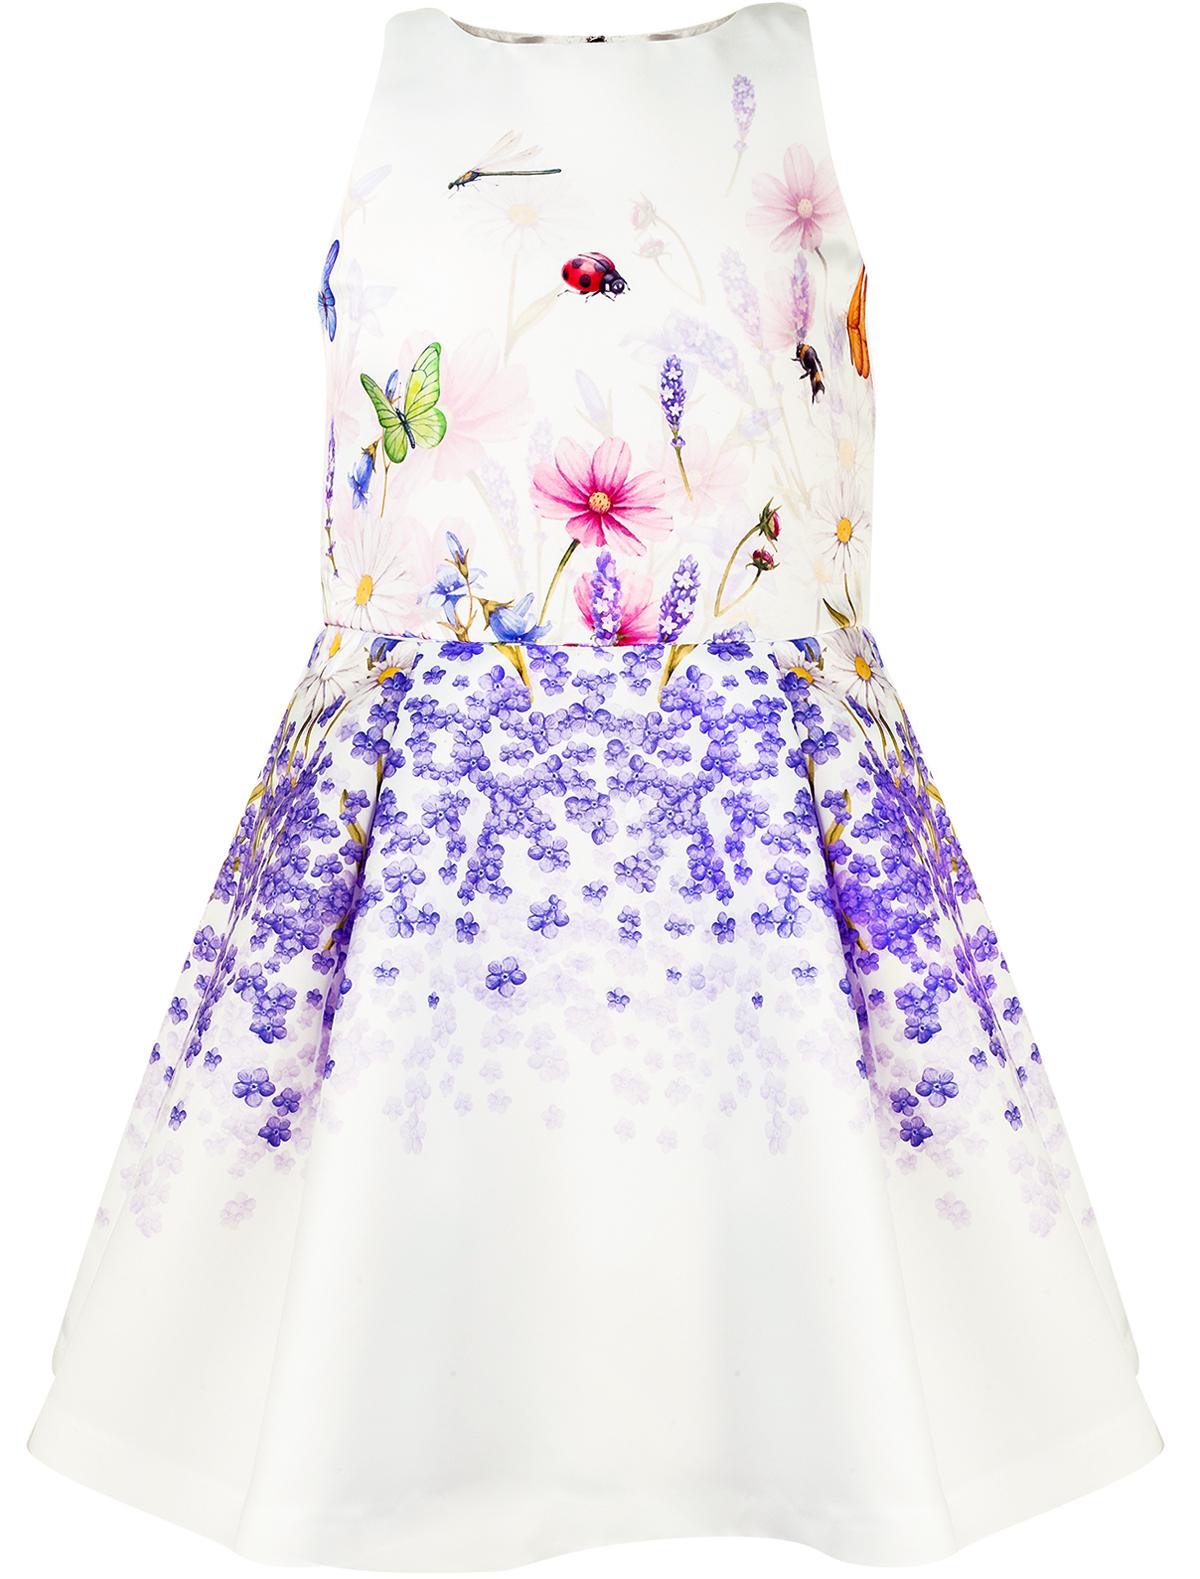 Купить 1867892, Платье David Charles, белый, Женский, 1051209771214